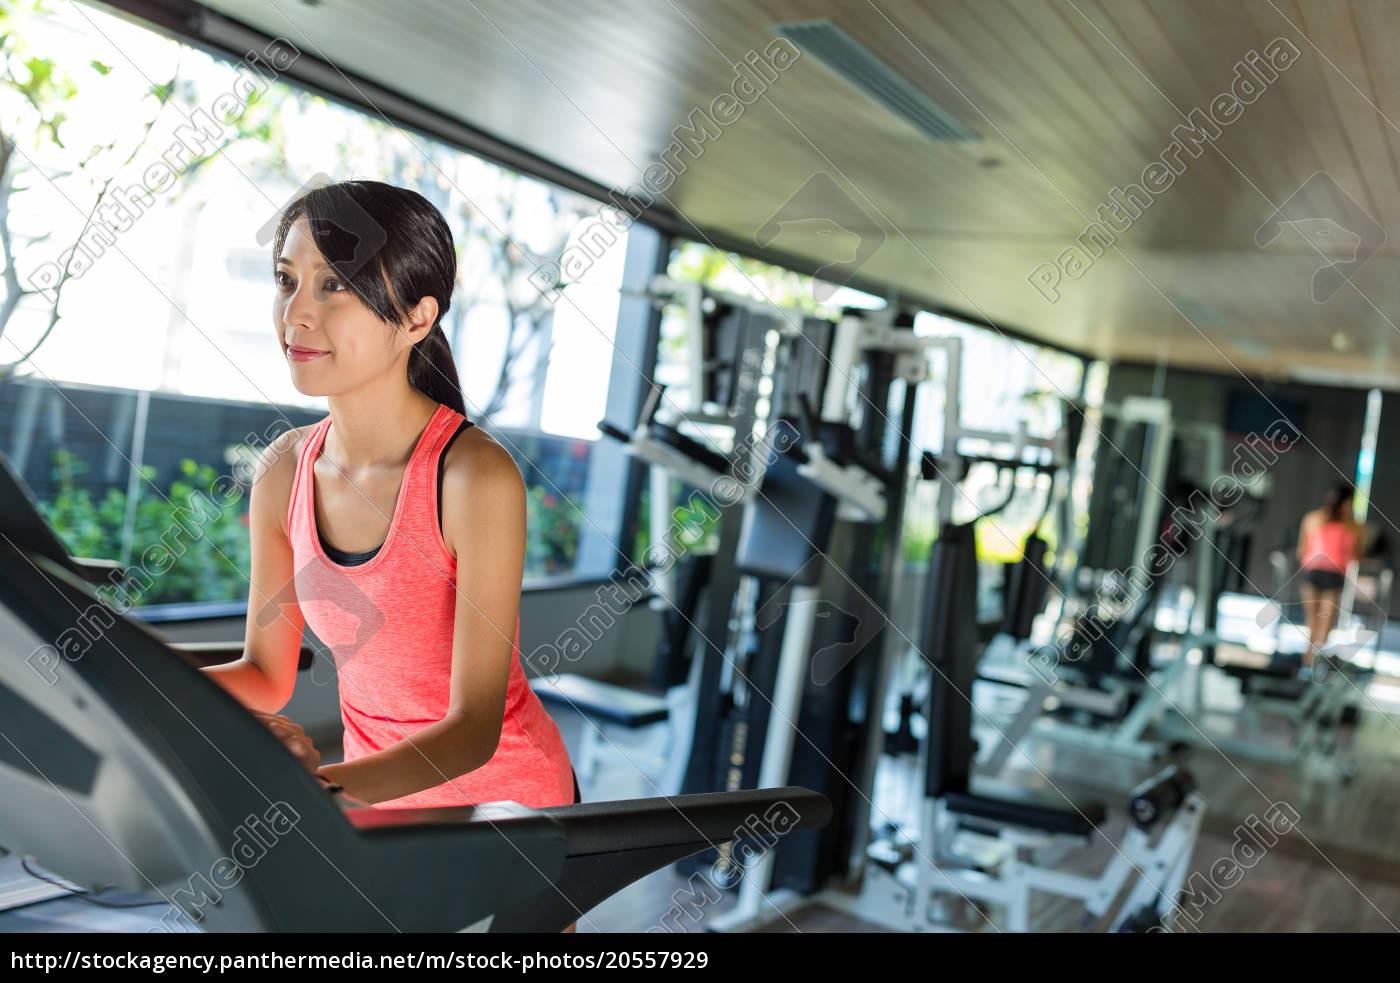 sport, woman, running, on, treadmill, at - 20557929